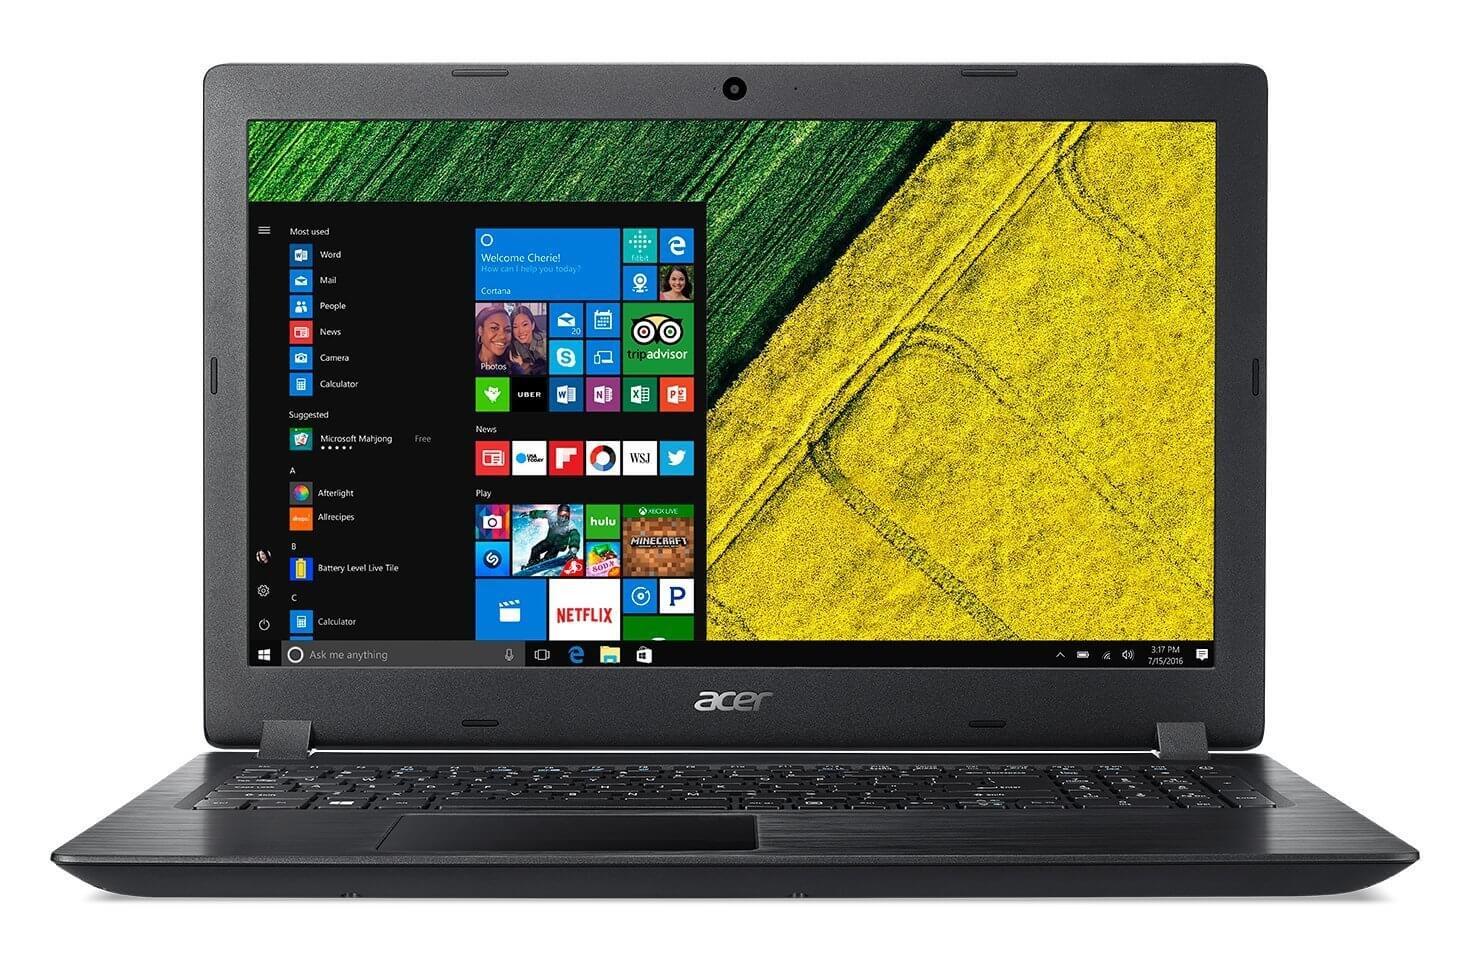 acer spin a3. acer best laptop under 30000, acer best laptop, best laptops under 30000, HP laptop, Acer Laptop, Lenovo laptop, dell laptop, best laptop, best laptop under 30000